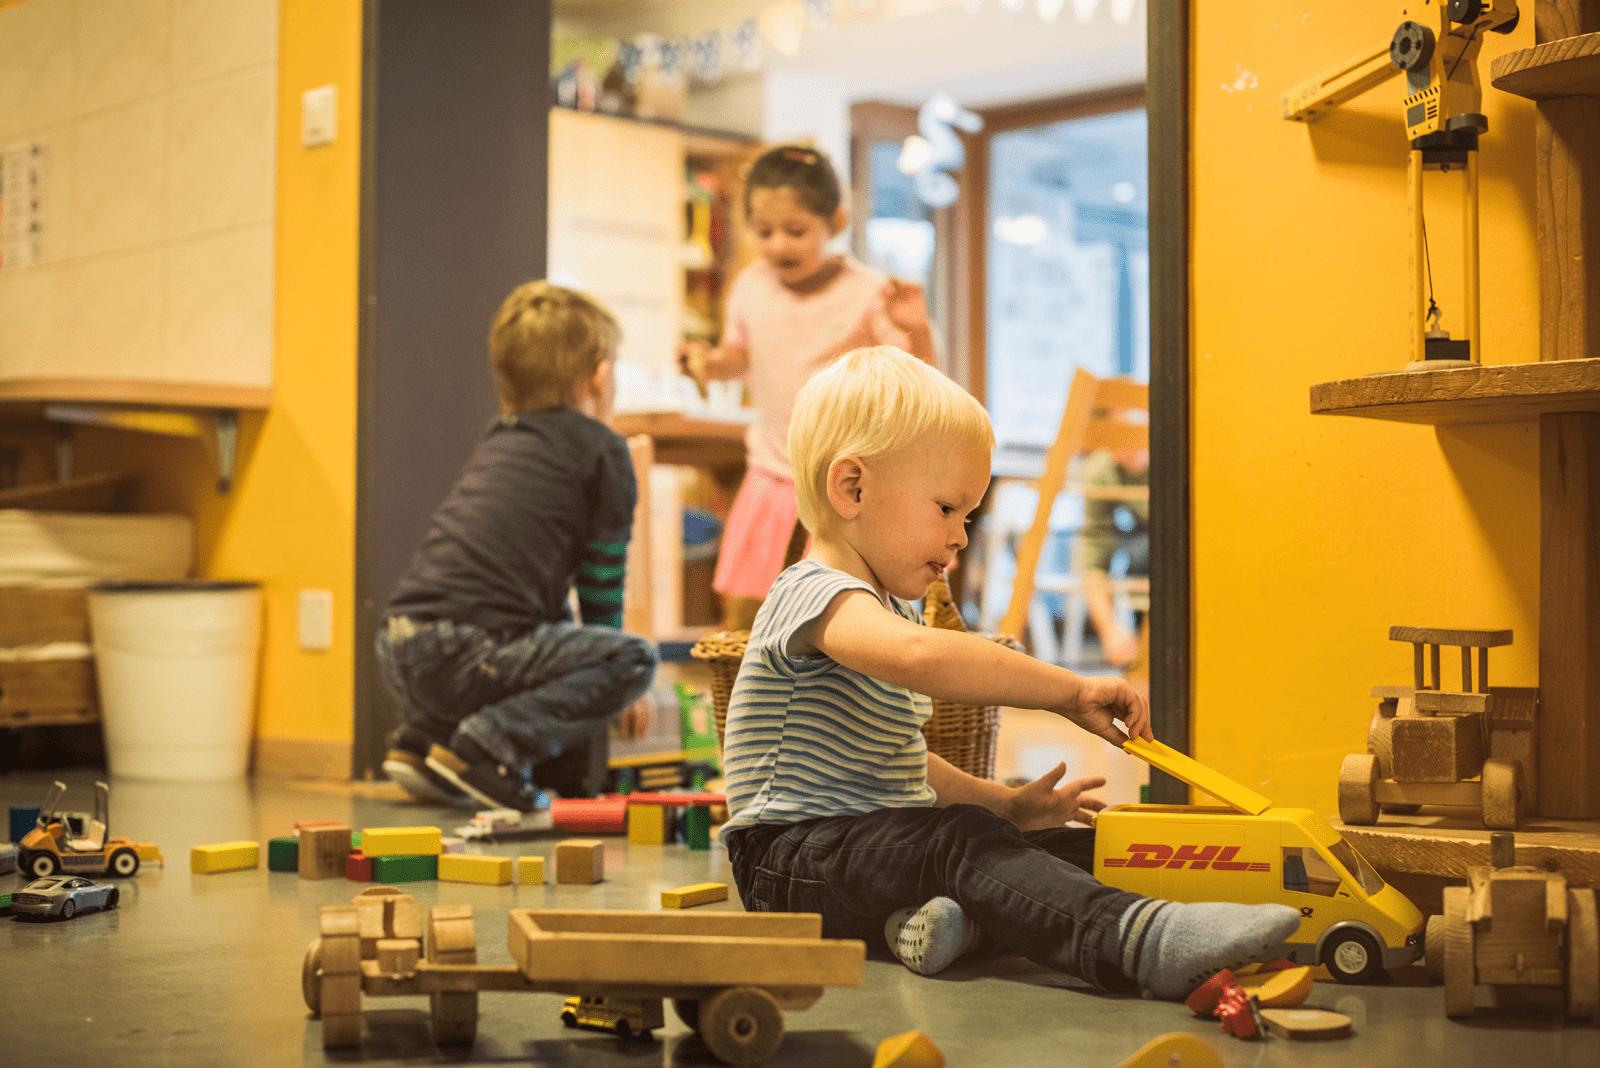 Kinder sind mit Holzspielzeug am Spielen.